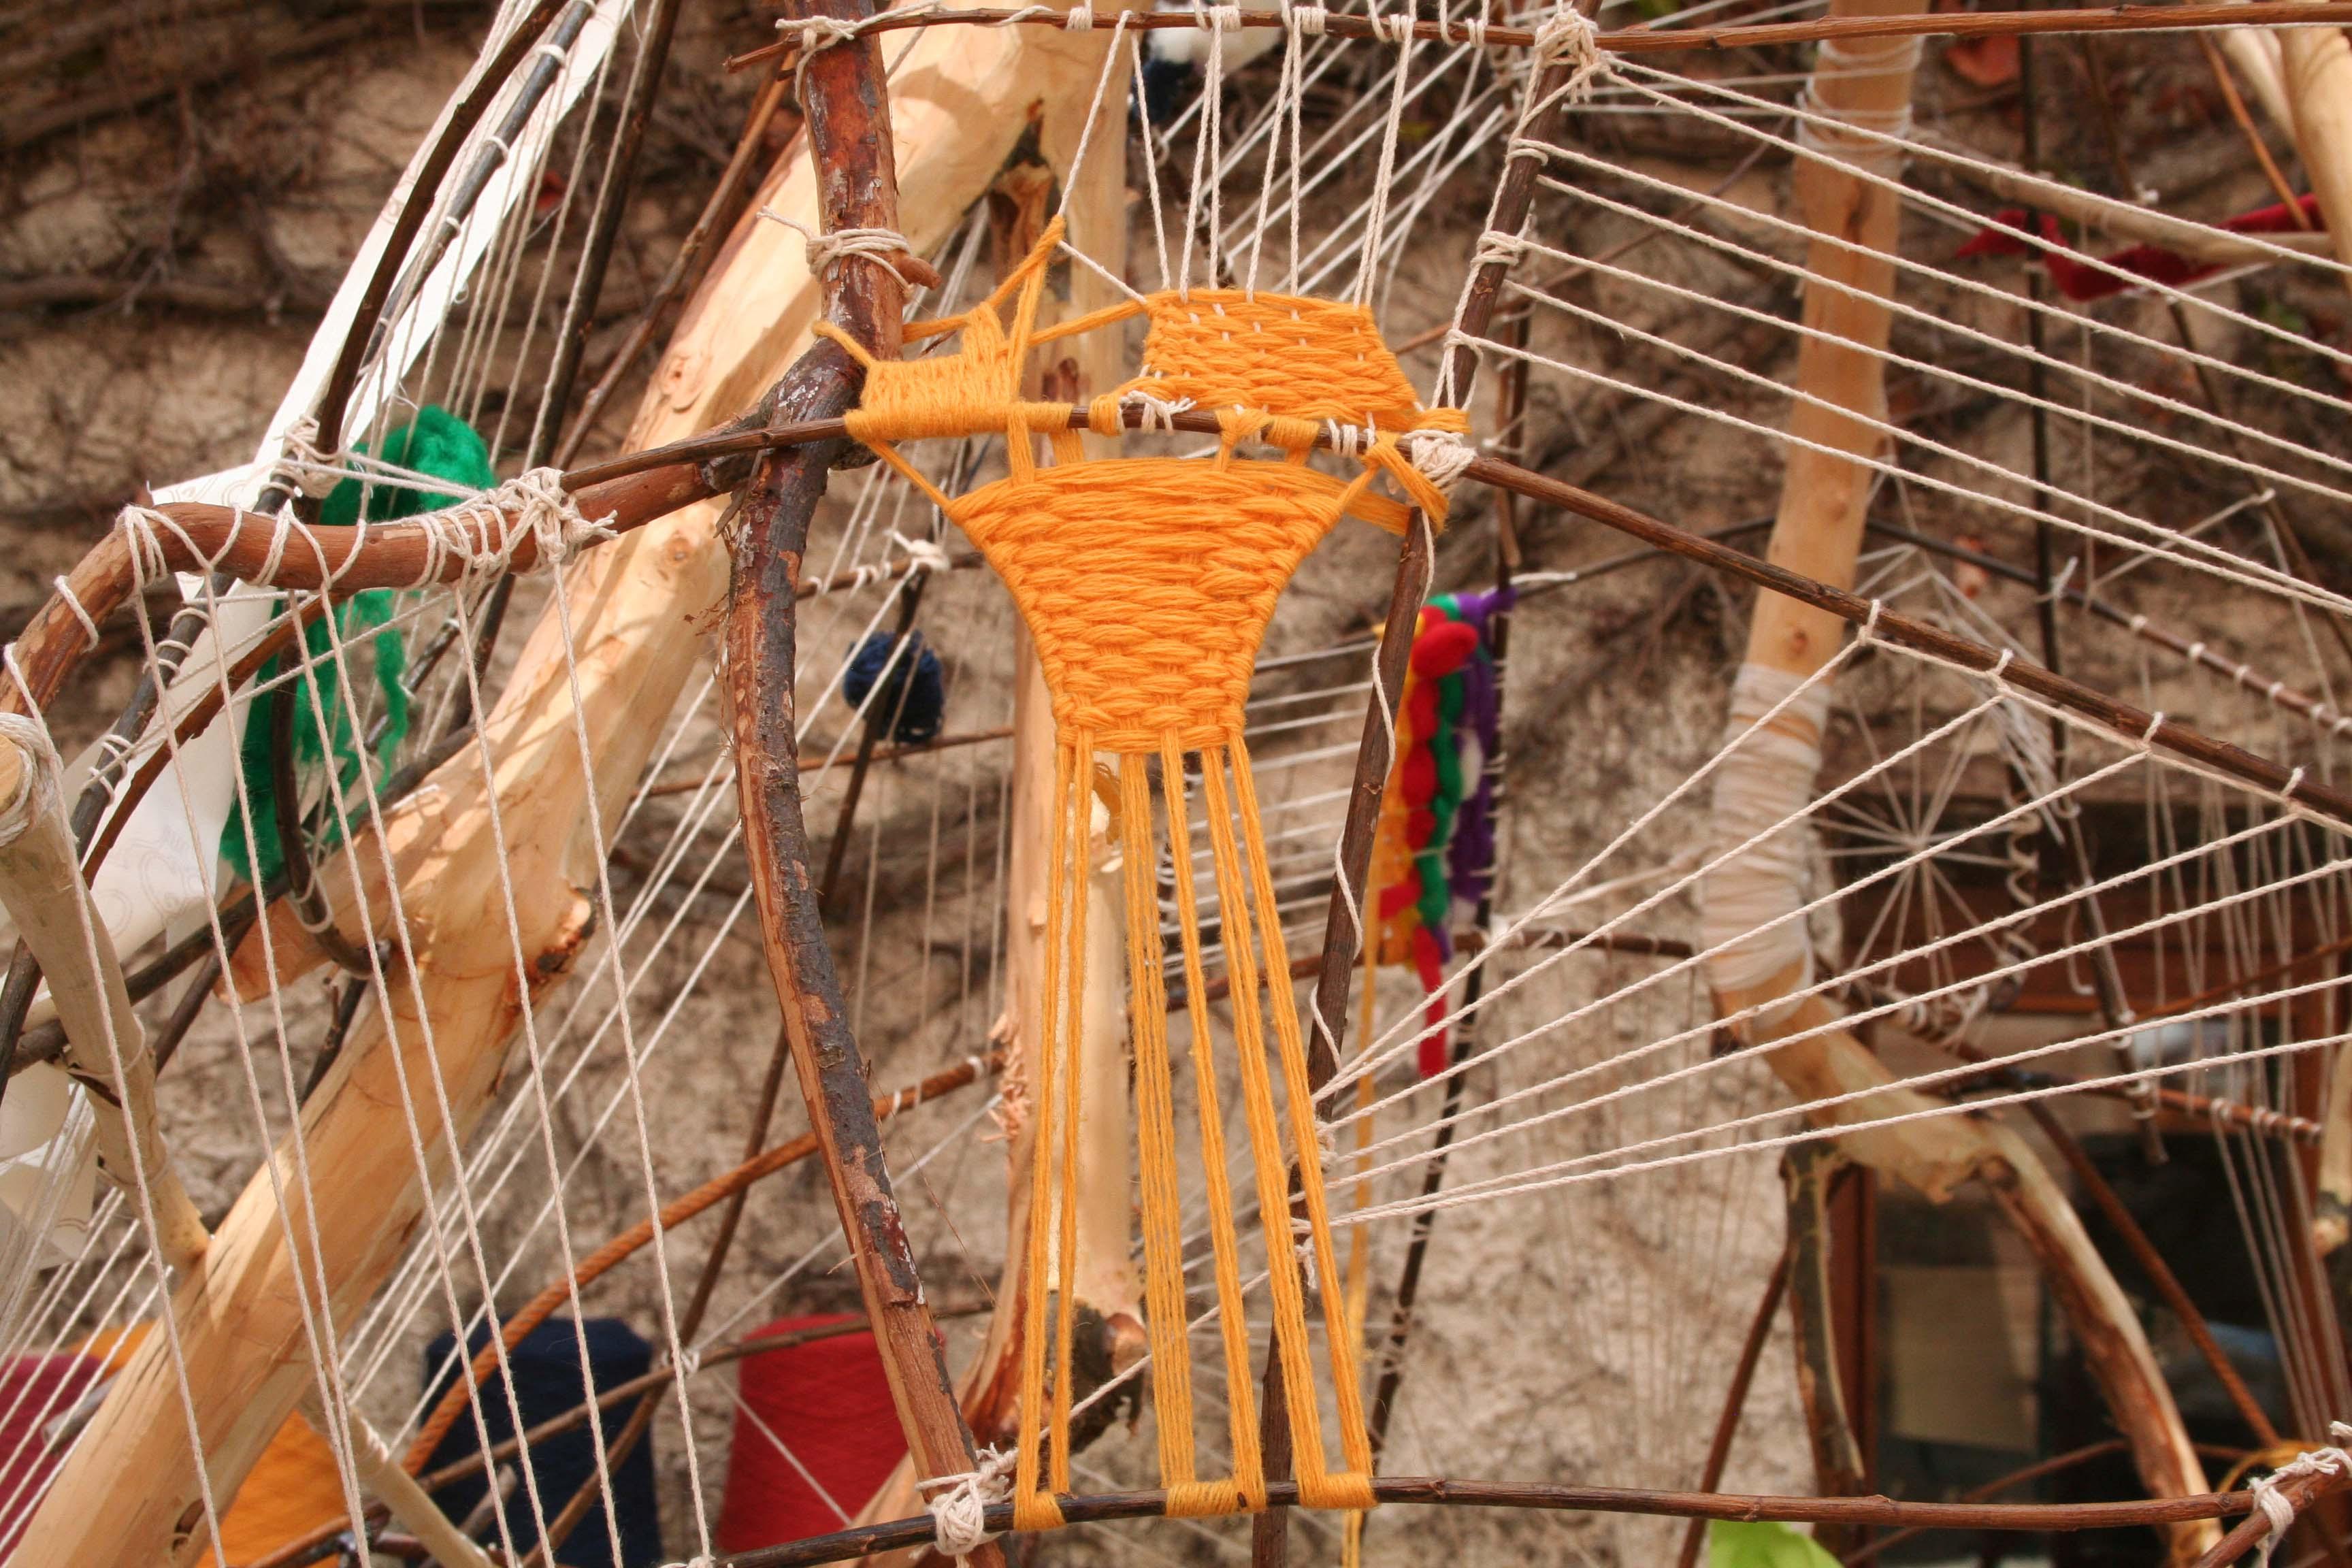 Atelier-tissage-Ardelaine-que-faire-en-ardeche-enfants-activités-saint-pierreville